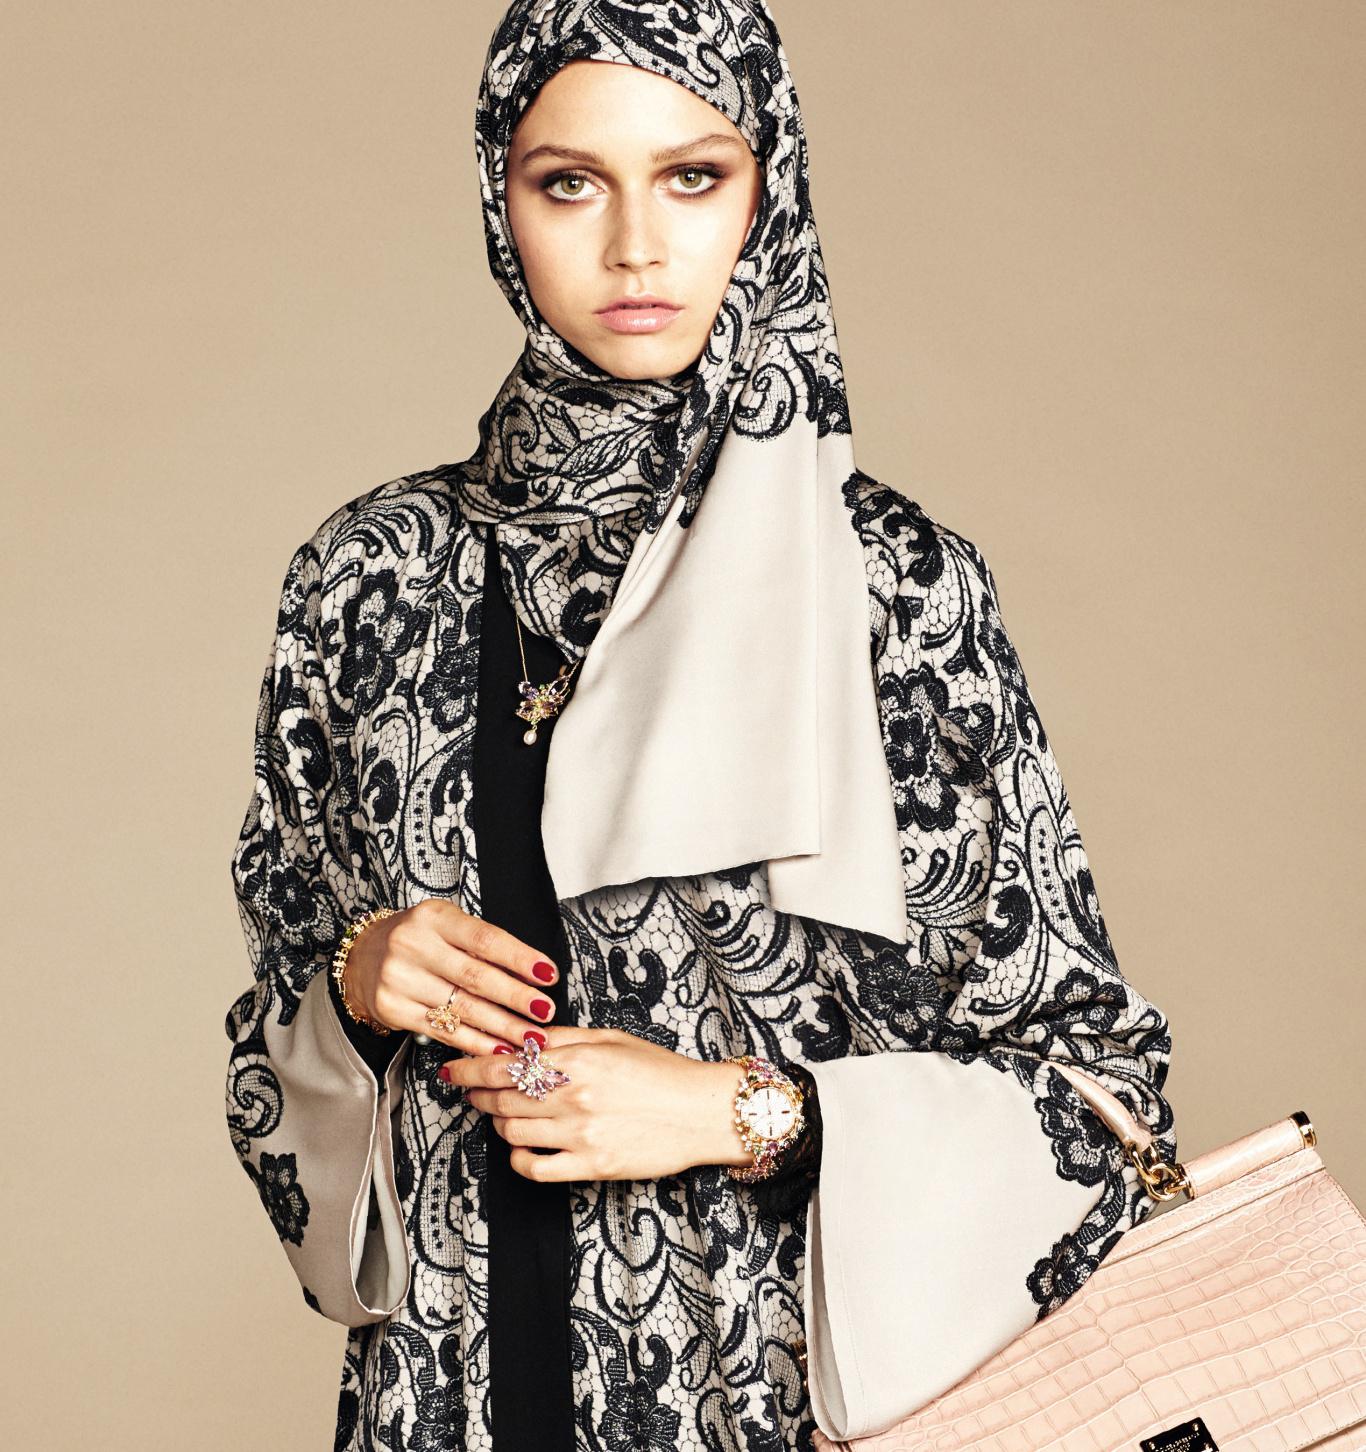 Legendary YSL mogul slams 'Islamic fashion'